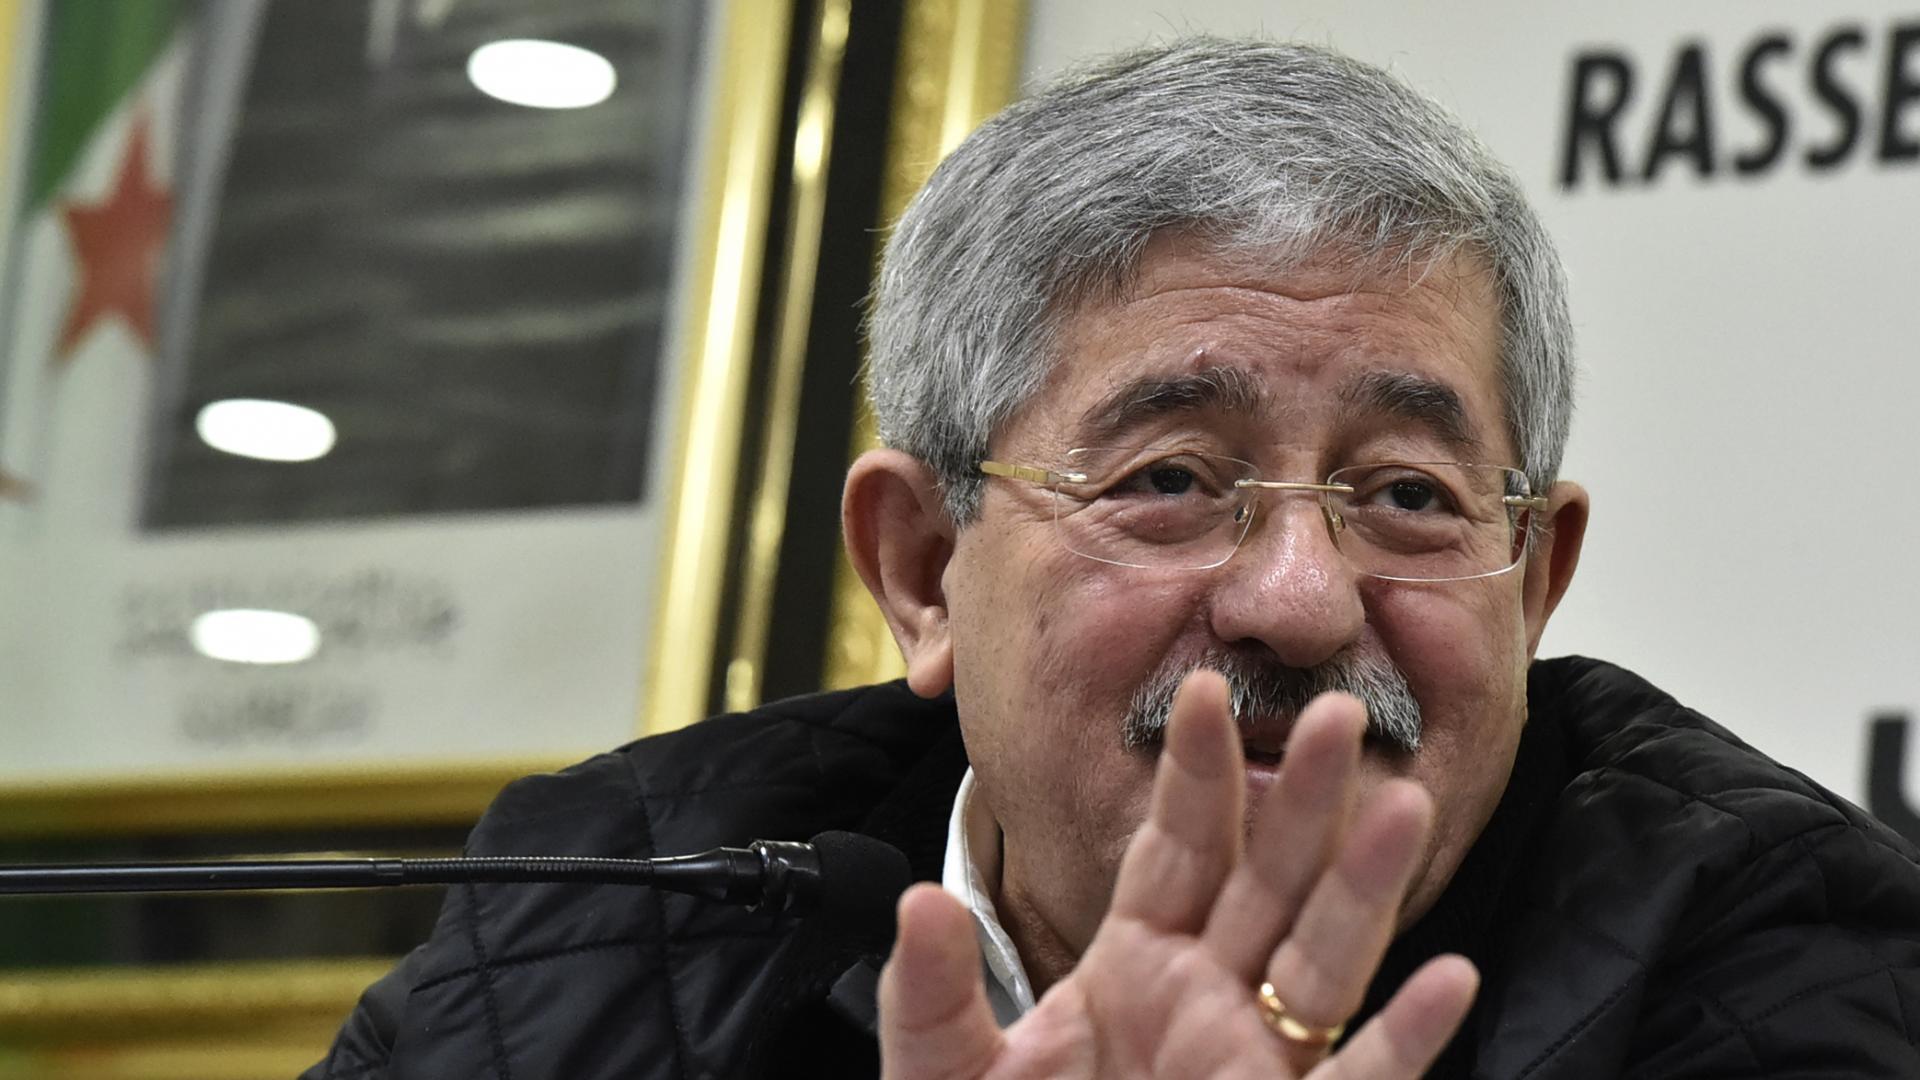 استقالة أويحيى من منصبه كرئيس لوزراء الجزائر وتعيين نور الدين بدوي خلفا له